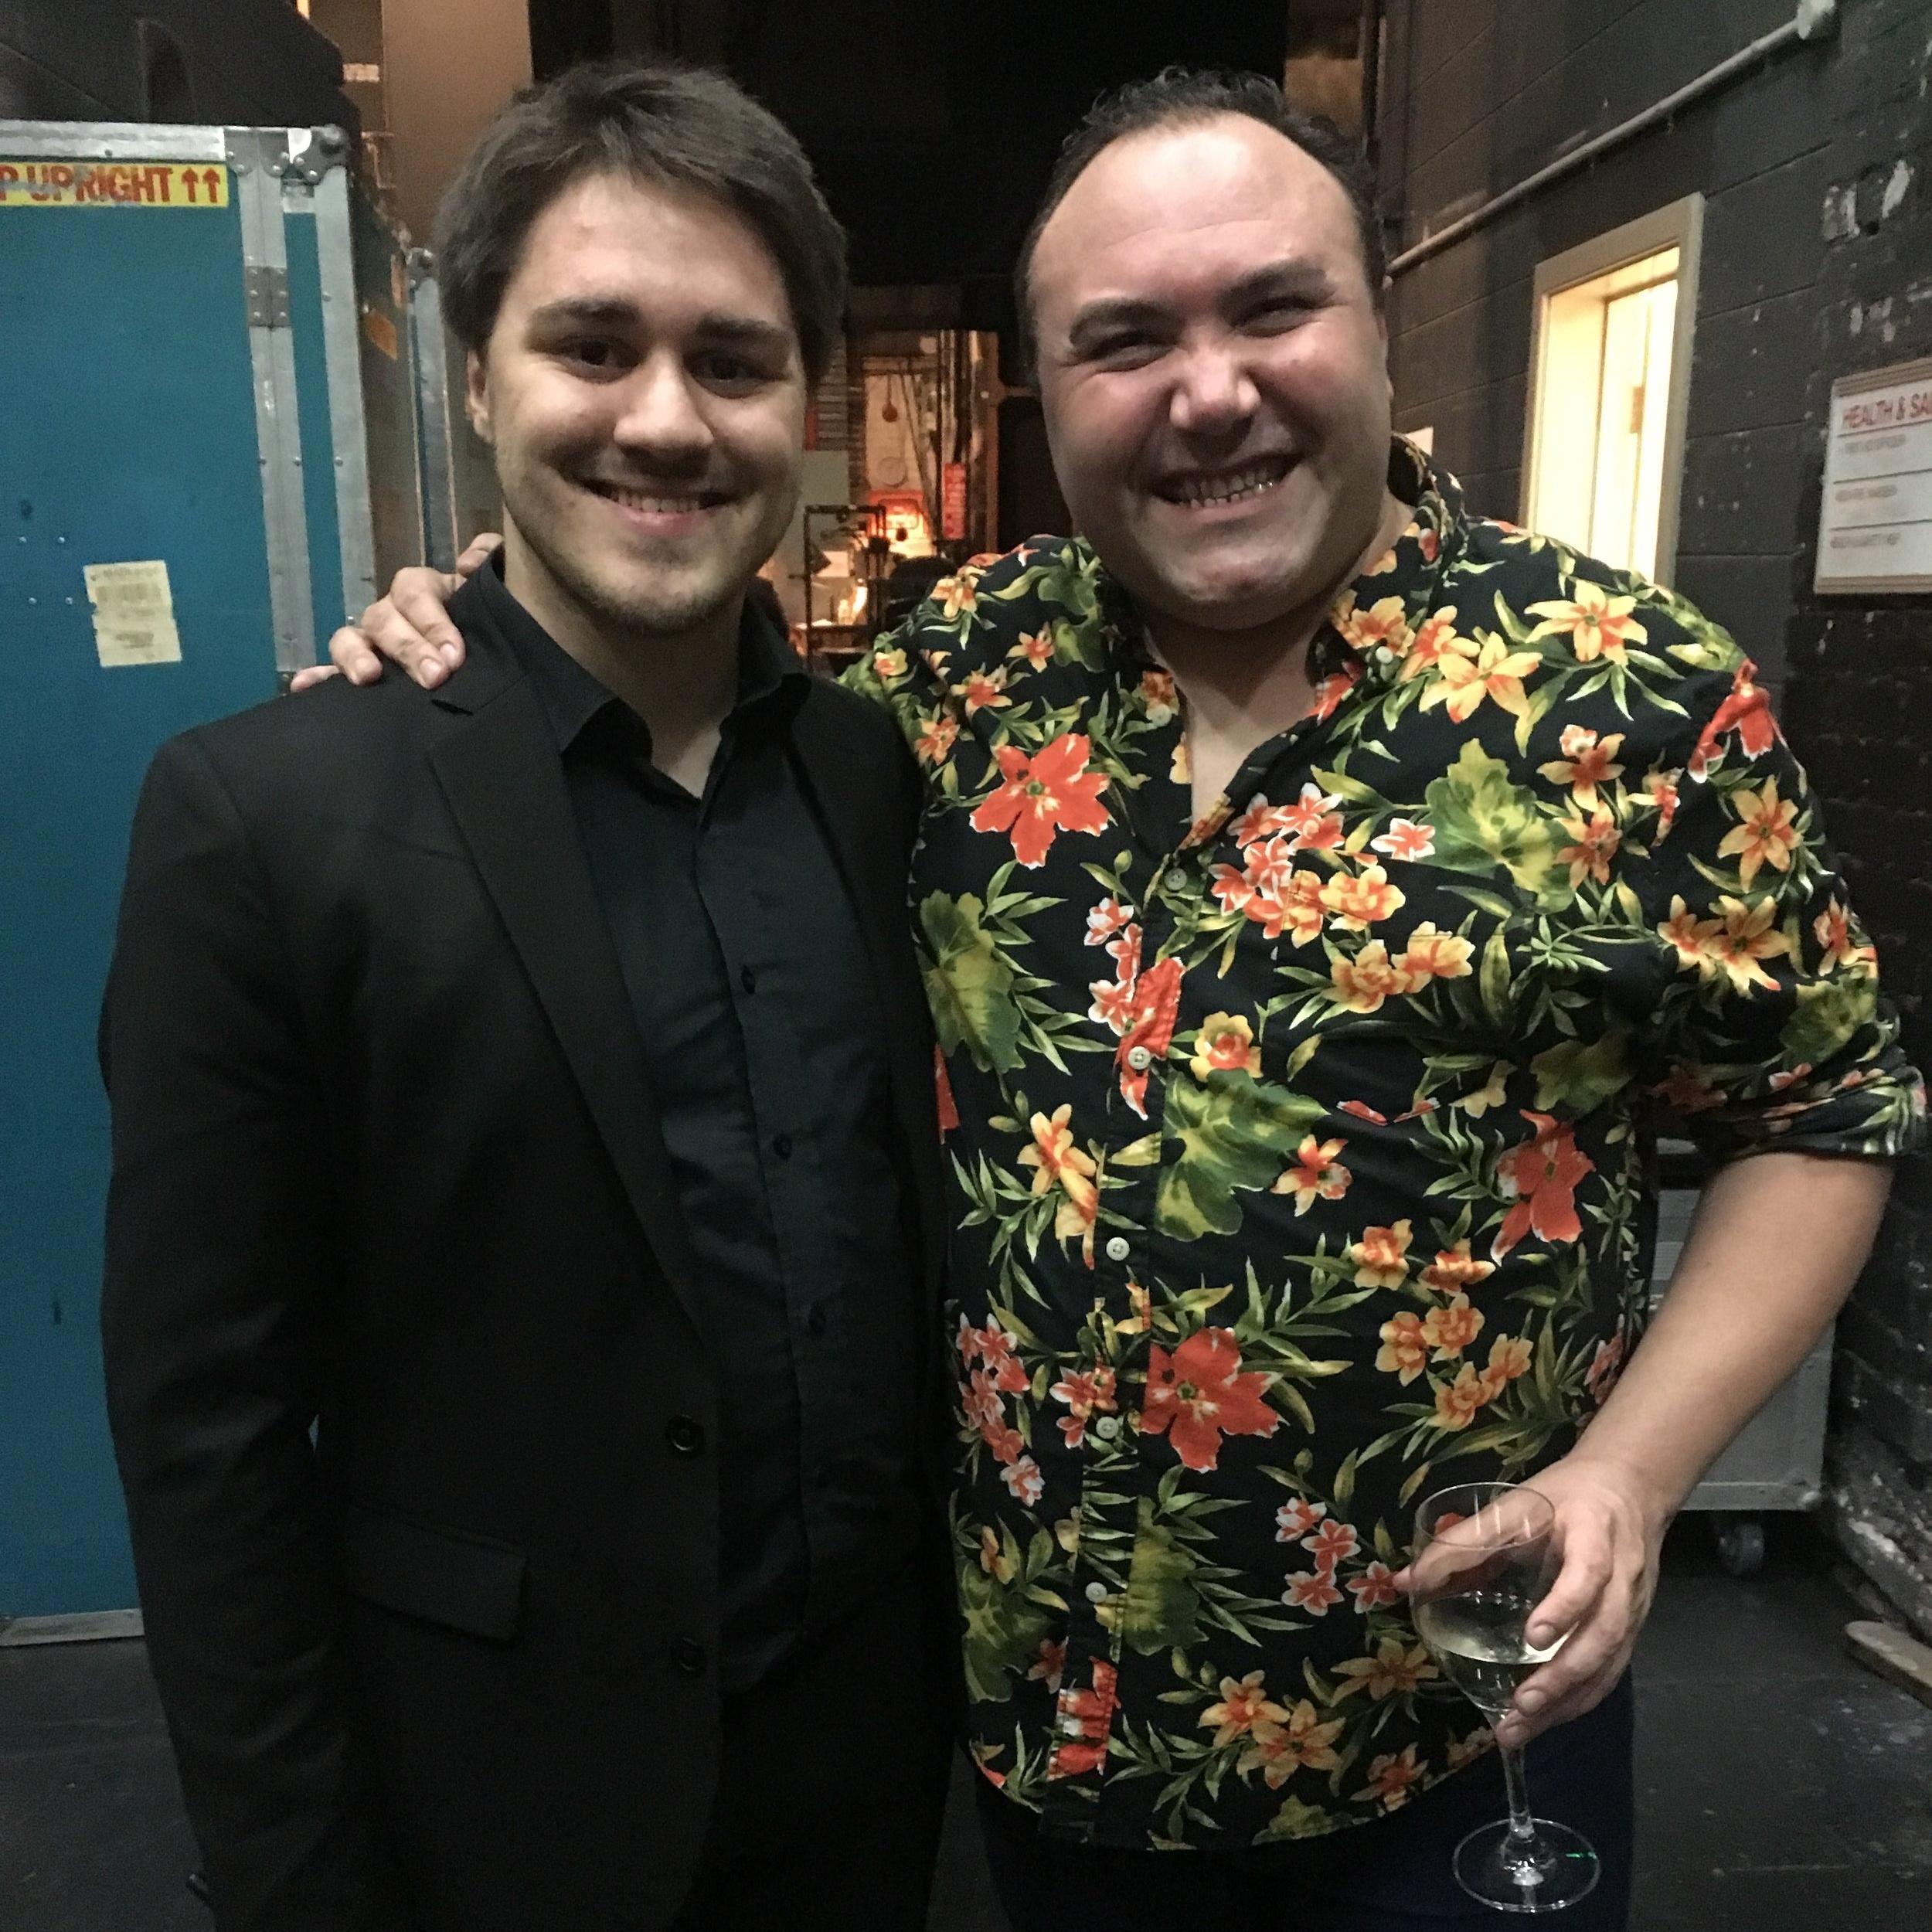 Emile Ryjoch and Trevor Ashley